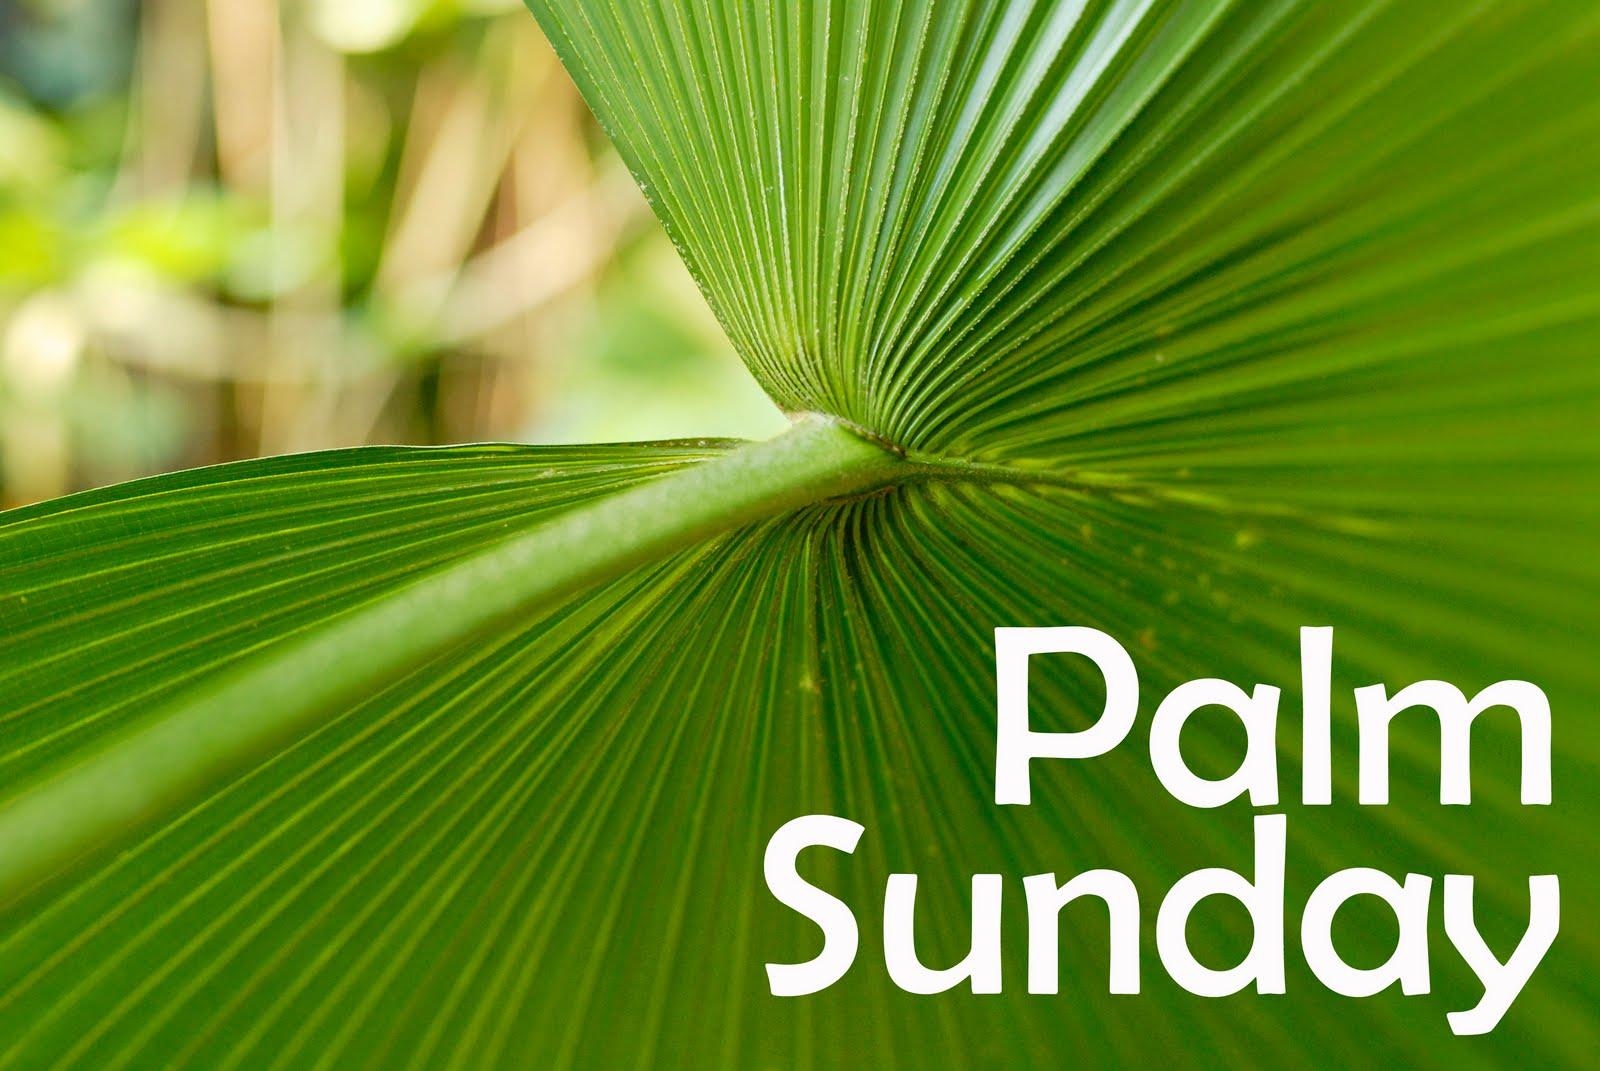 palm sunday - photo #18